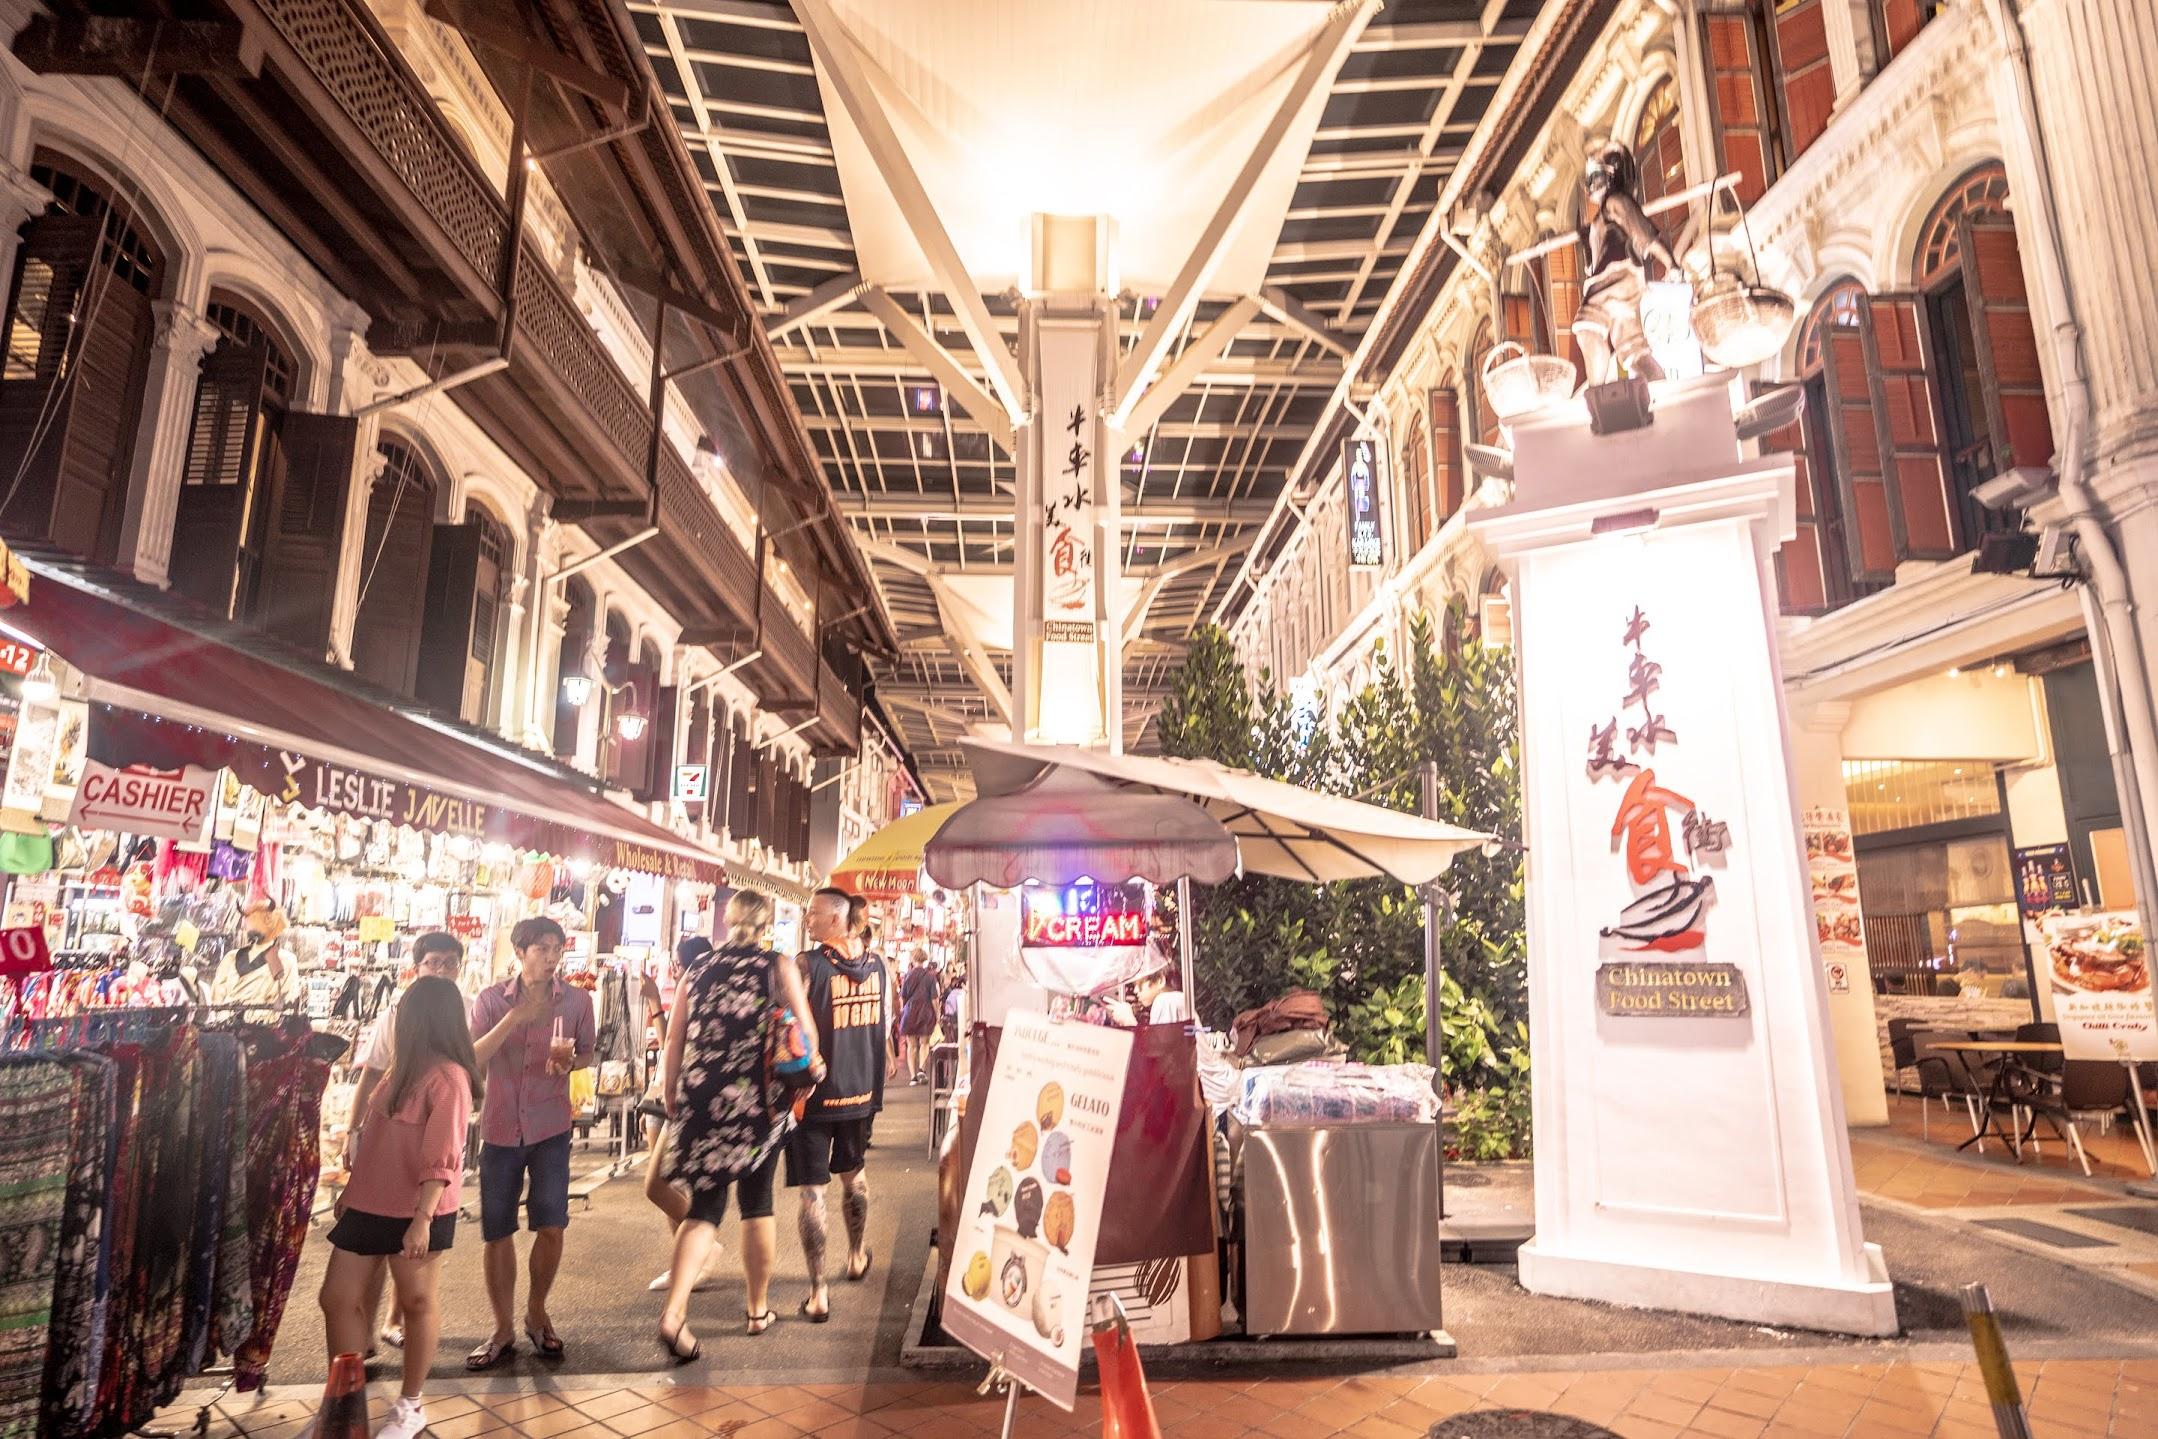 シンガポール Chinatown Food Street1